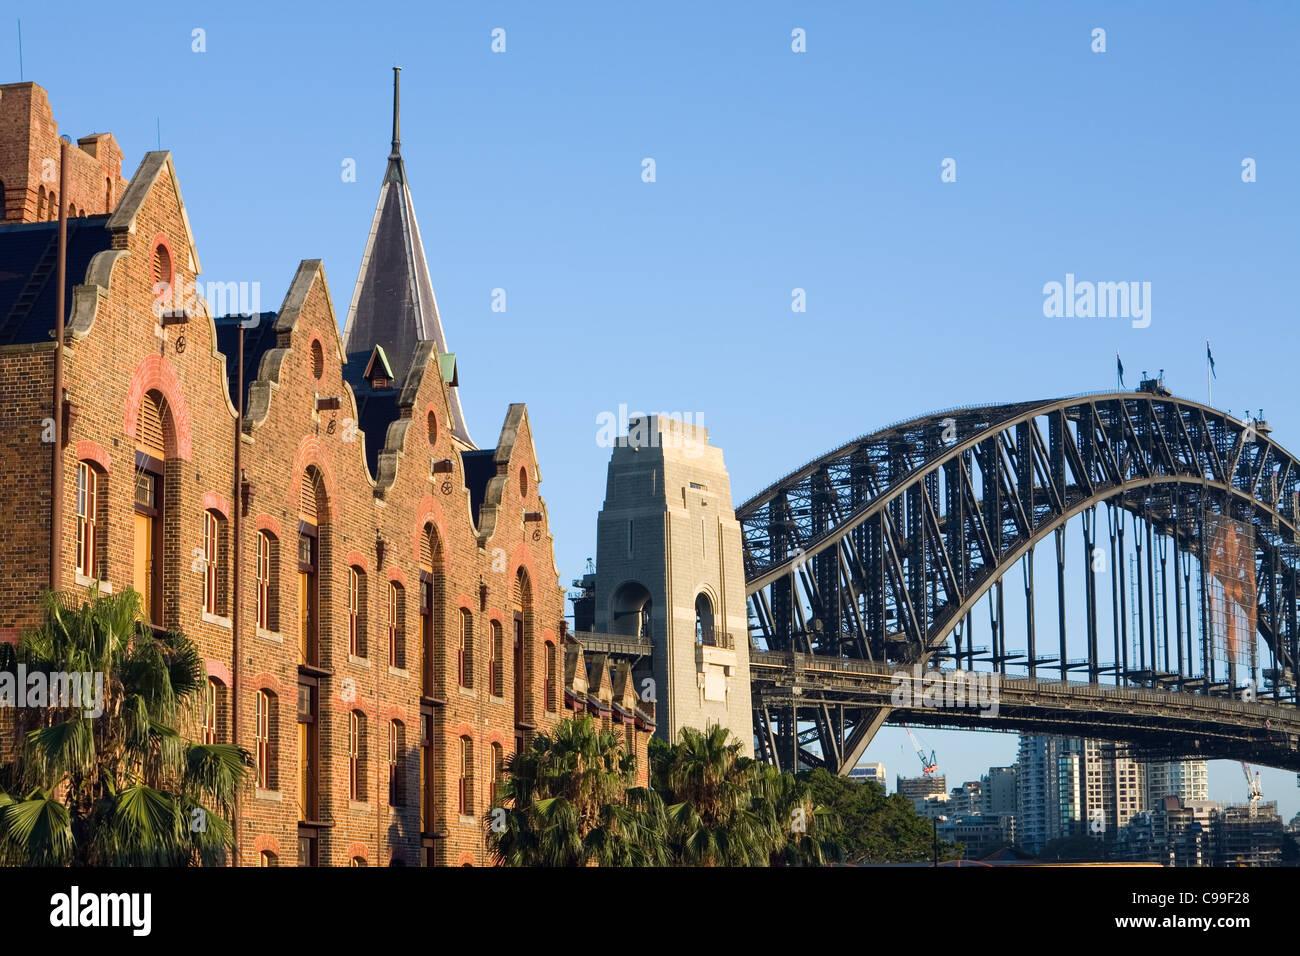 A arquitetura da Australasian Steam Navigation Co. prédio e Ponte do Porto. Sydney, Nova Gales do Sul, Austrália Imagens de Stock